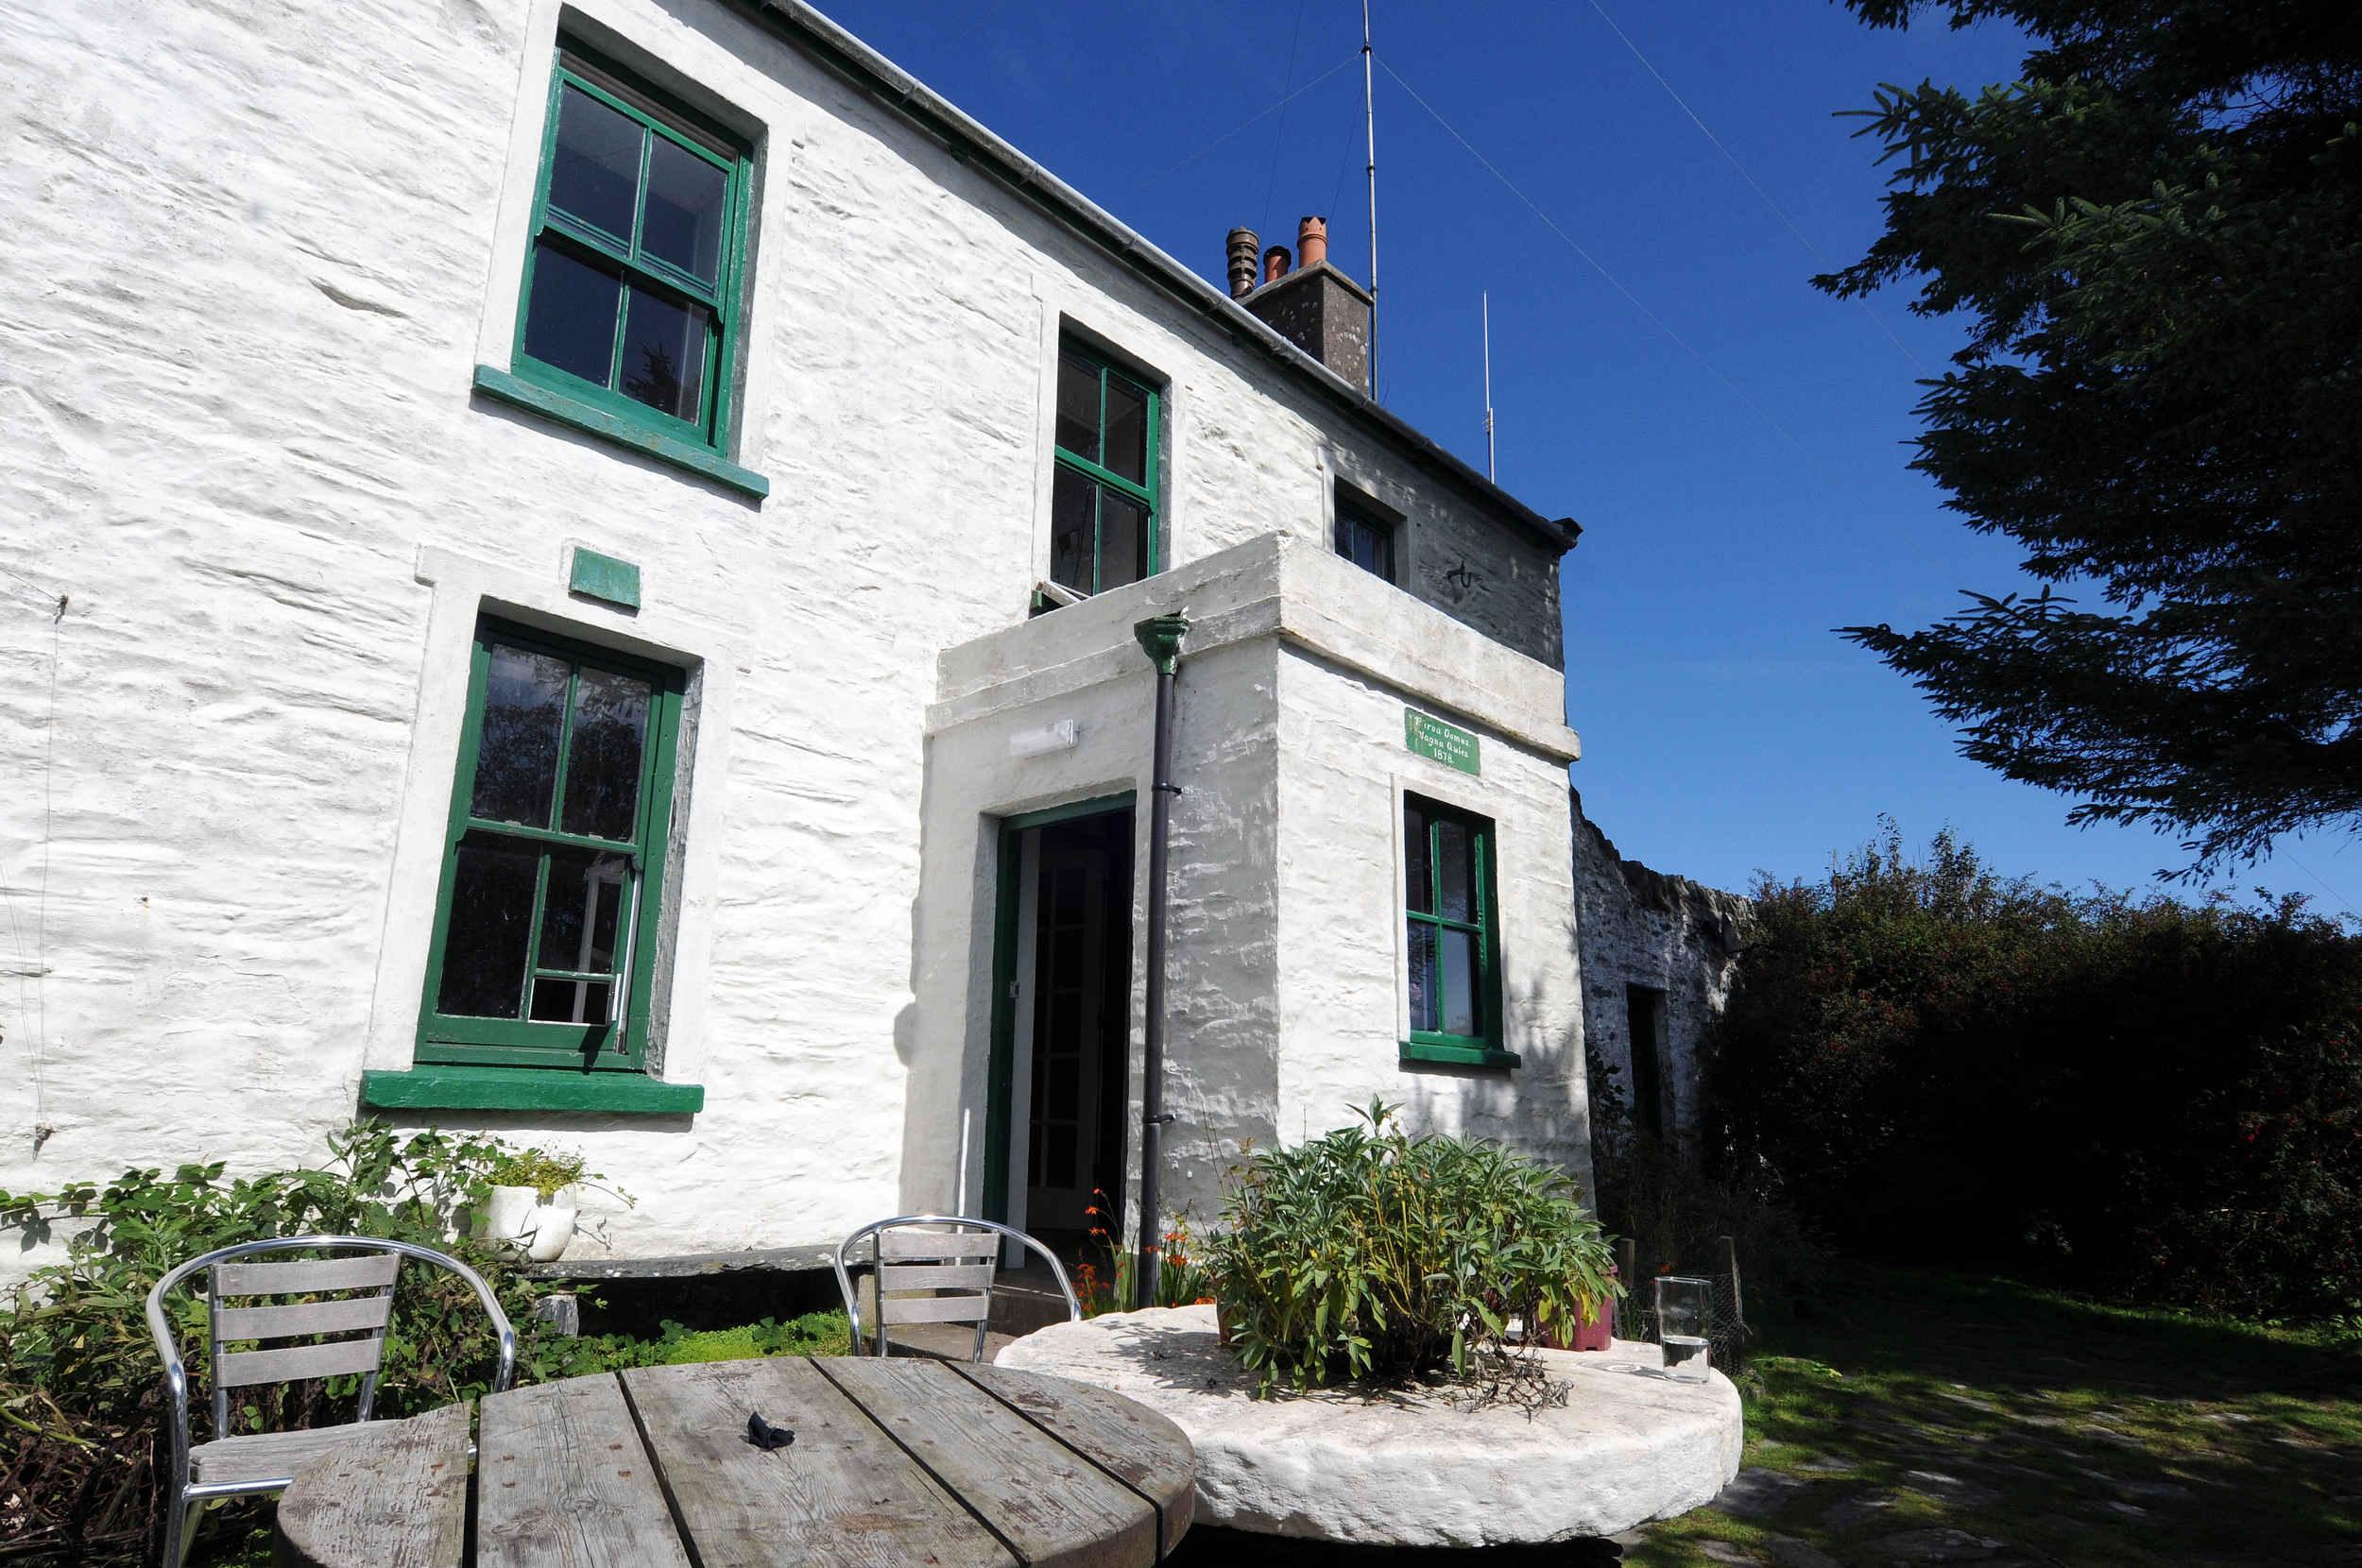 The Calf of Man Observatory was originally a farmhouse